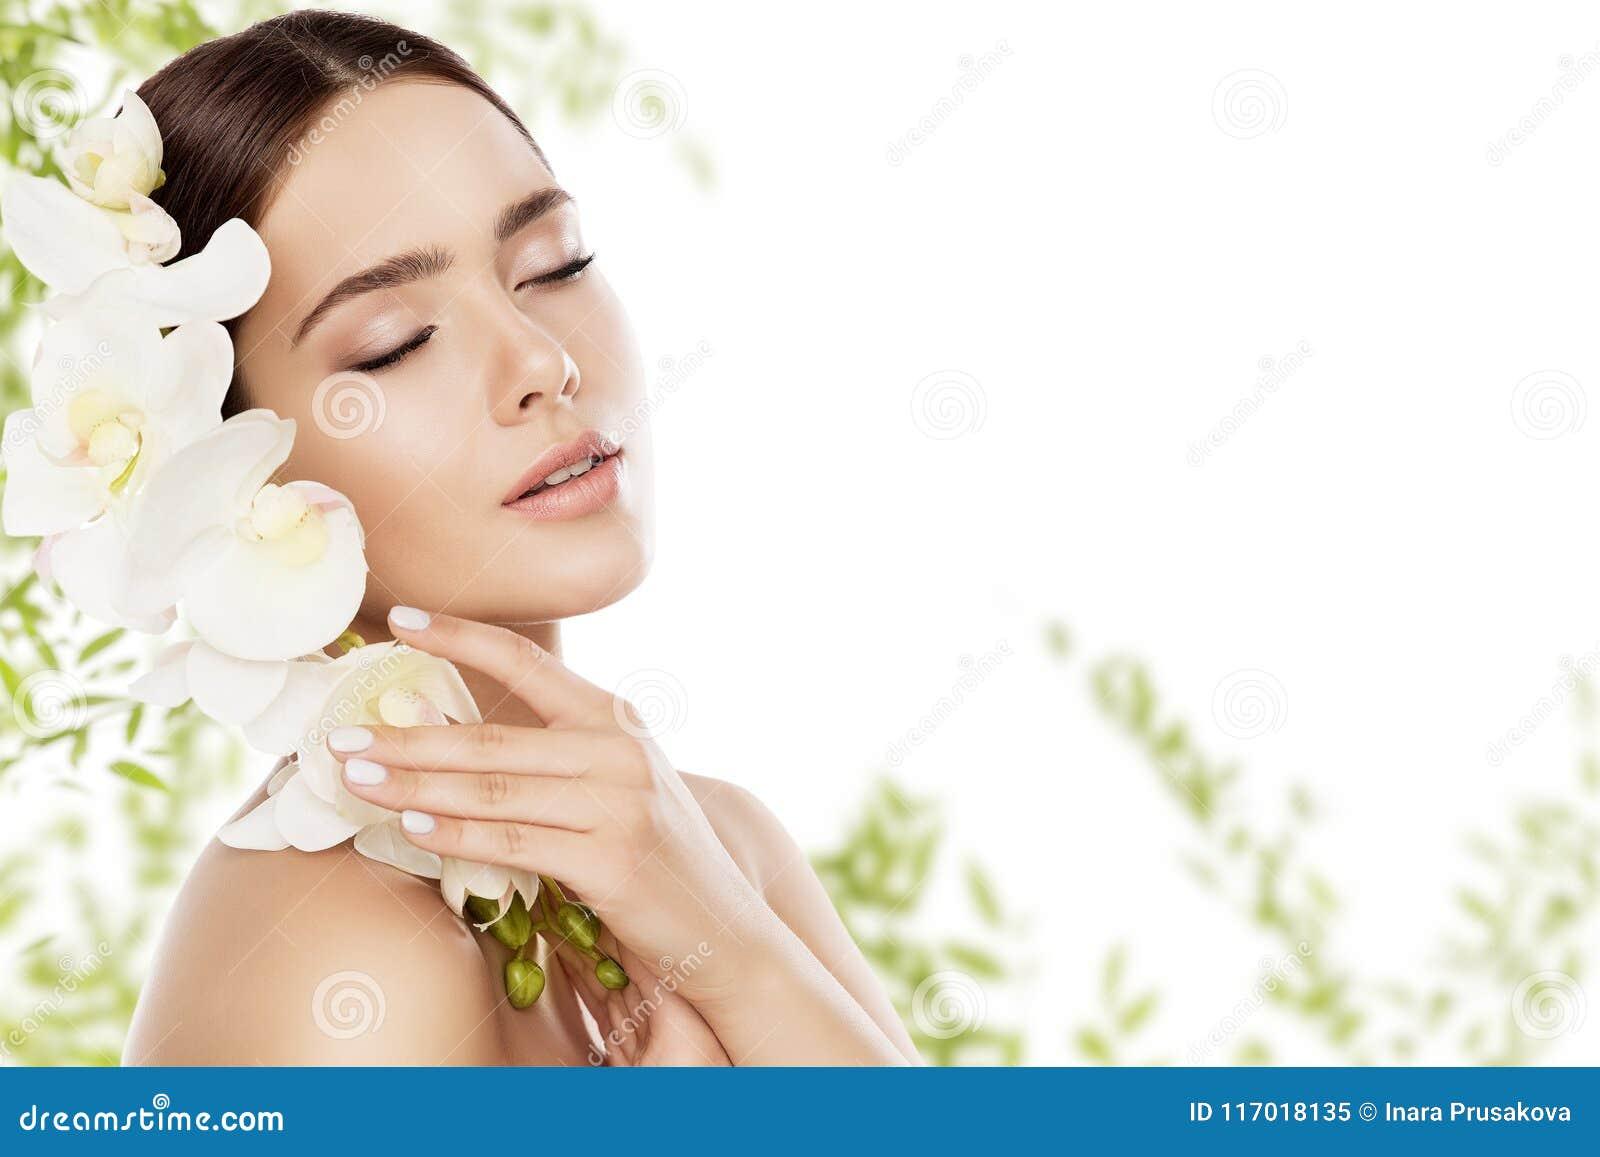 Le maquillage de soins de la peau et de visage de beauté, soins de la peau de femme naturels composent